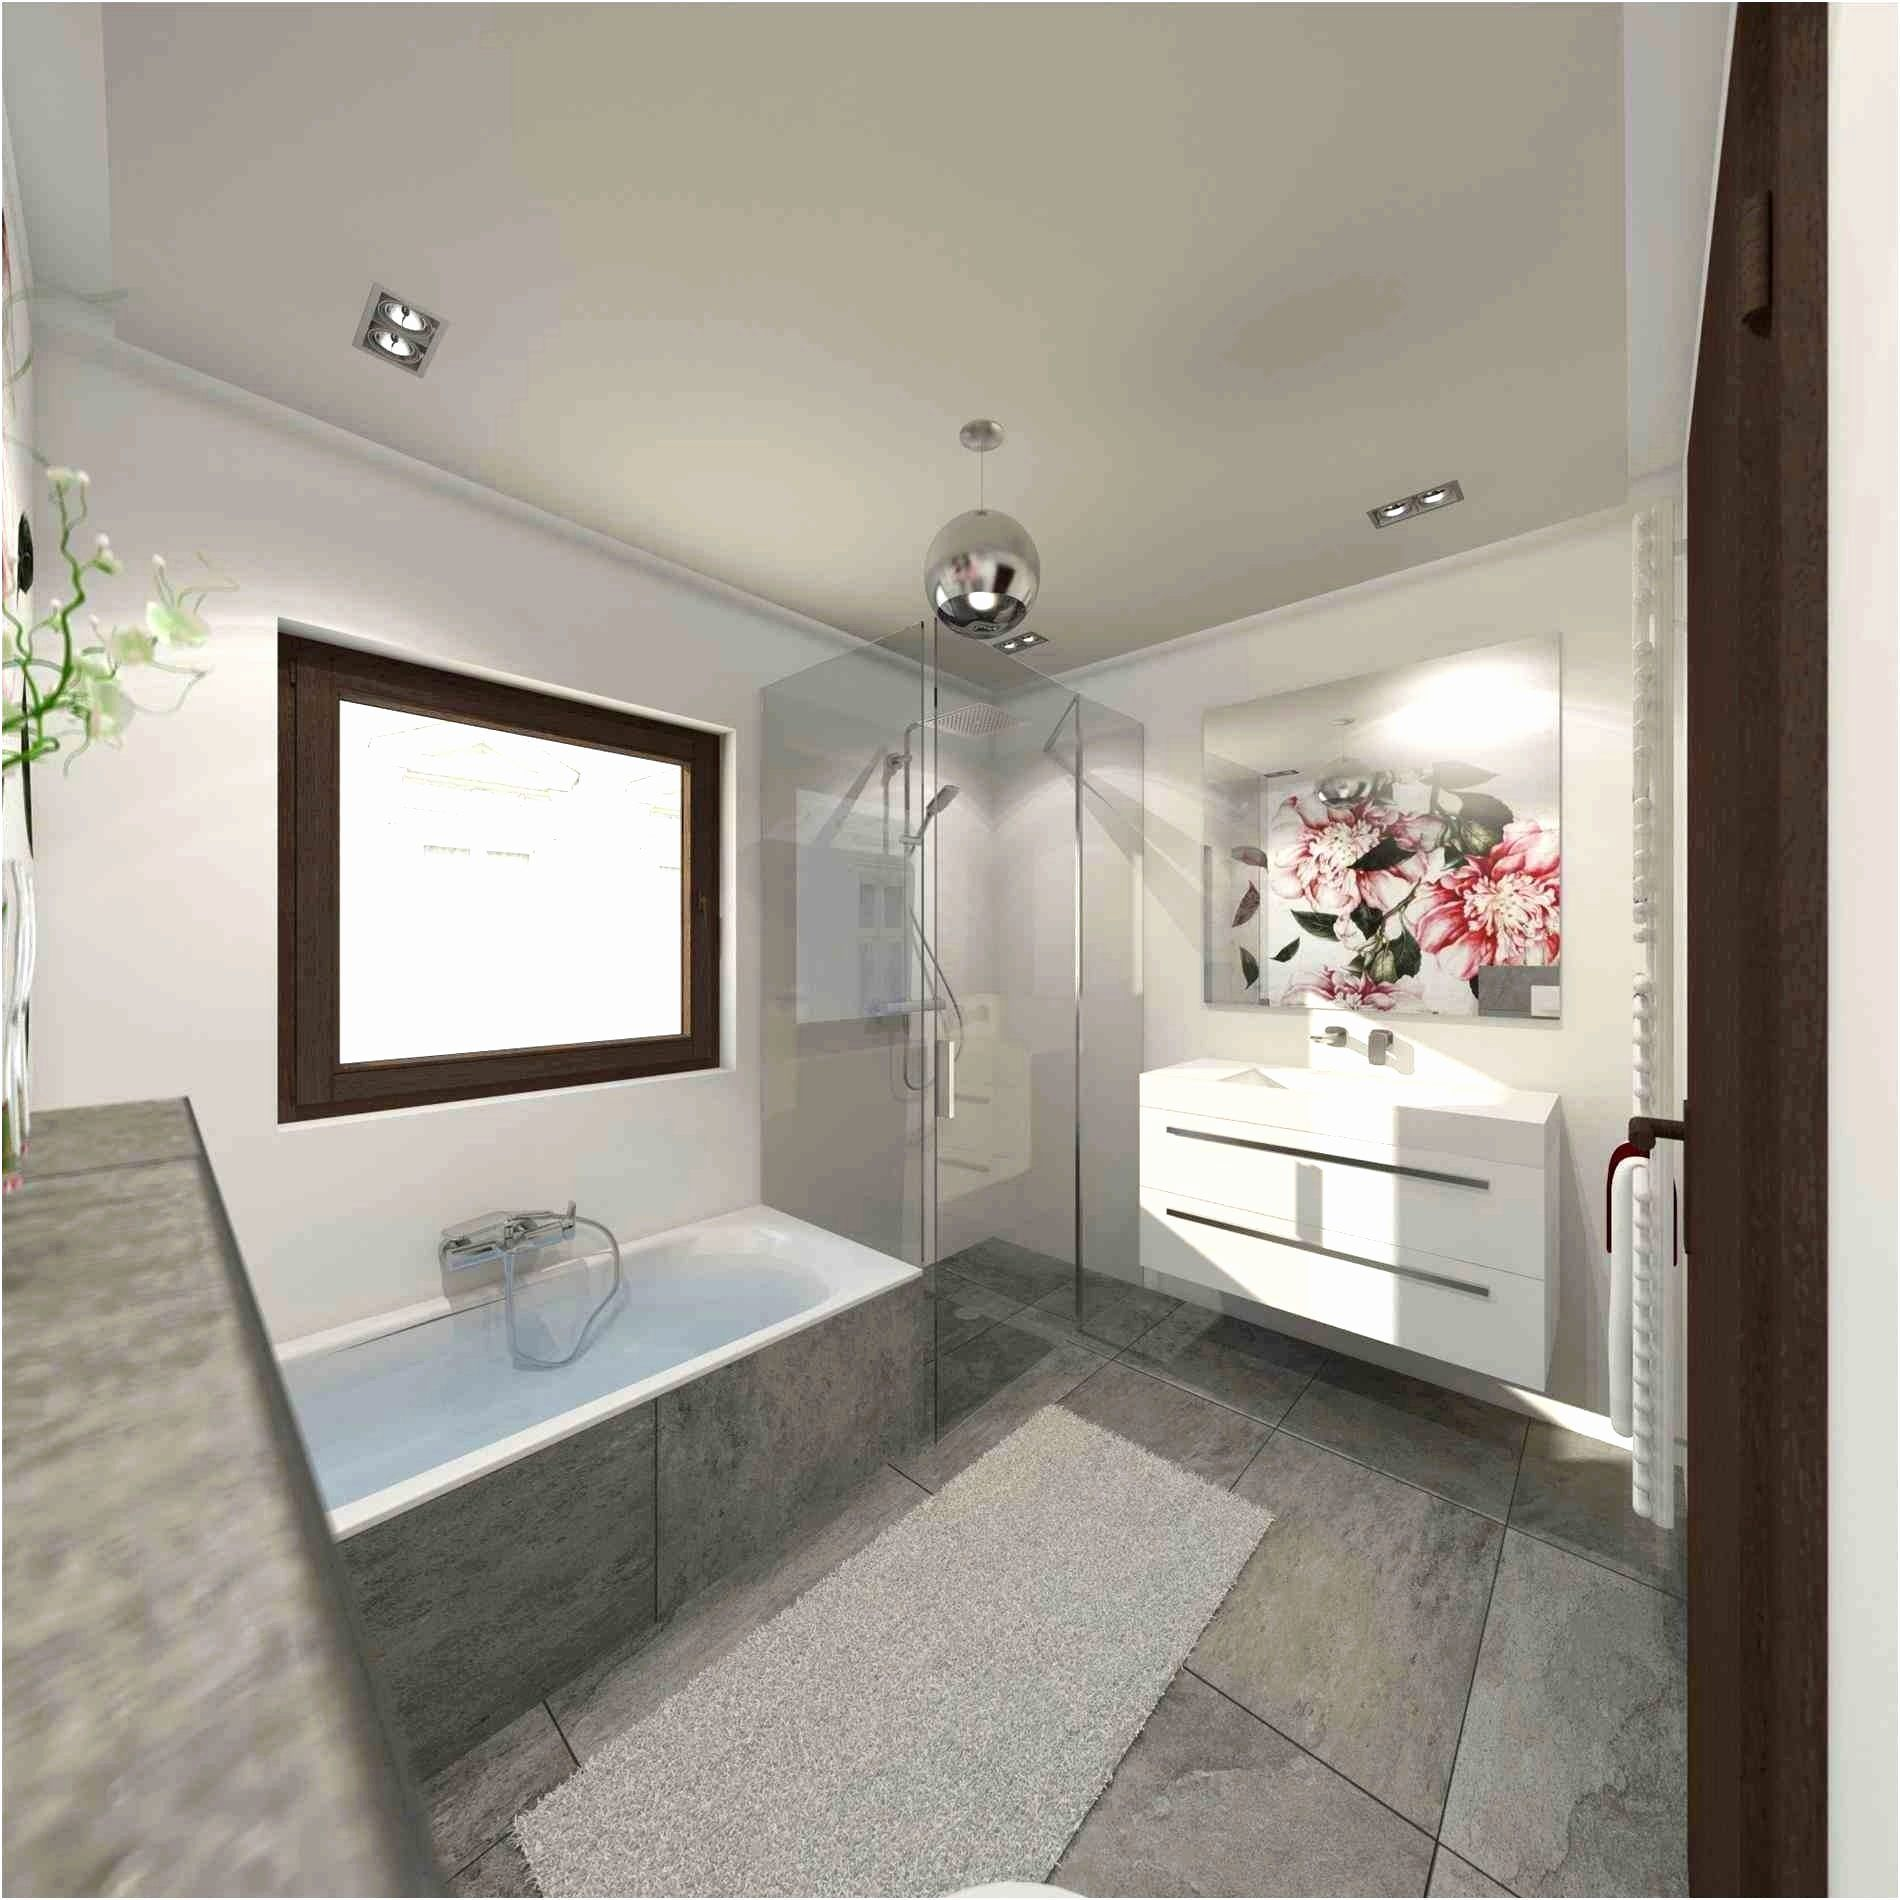 14 Badezimmer Umbau Fotos Ideen Luxus Aufnahme Badezimmer Renovieren Eintagamsee Renovieren Kosten Kosten Badezimmer Badezimmer Planen Badezimmer Qm